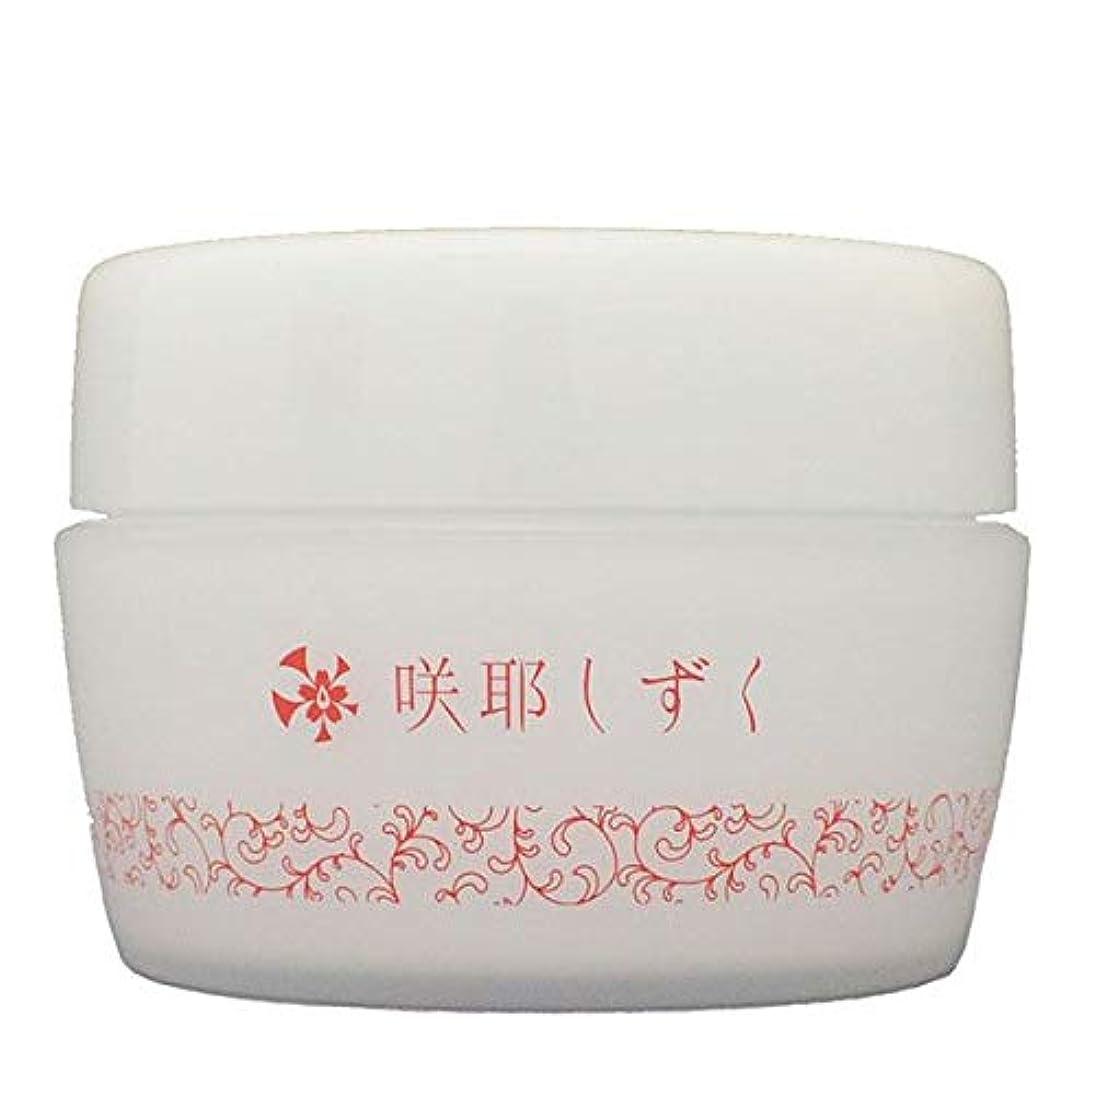 払い戻し批評間欠咲耶しずく クリーム 乾燥肌 さくやしずく 敏感肌 エムズジャパン M's Japan ms-sge01